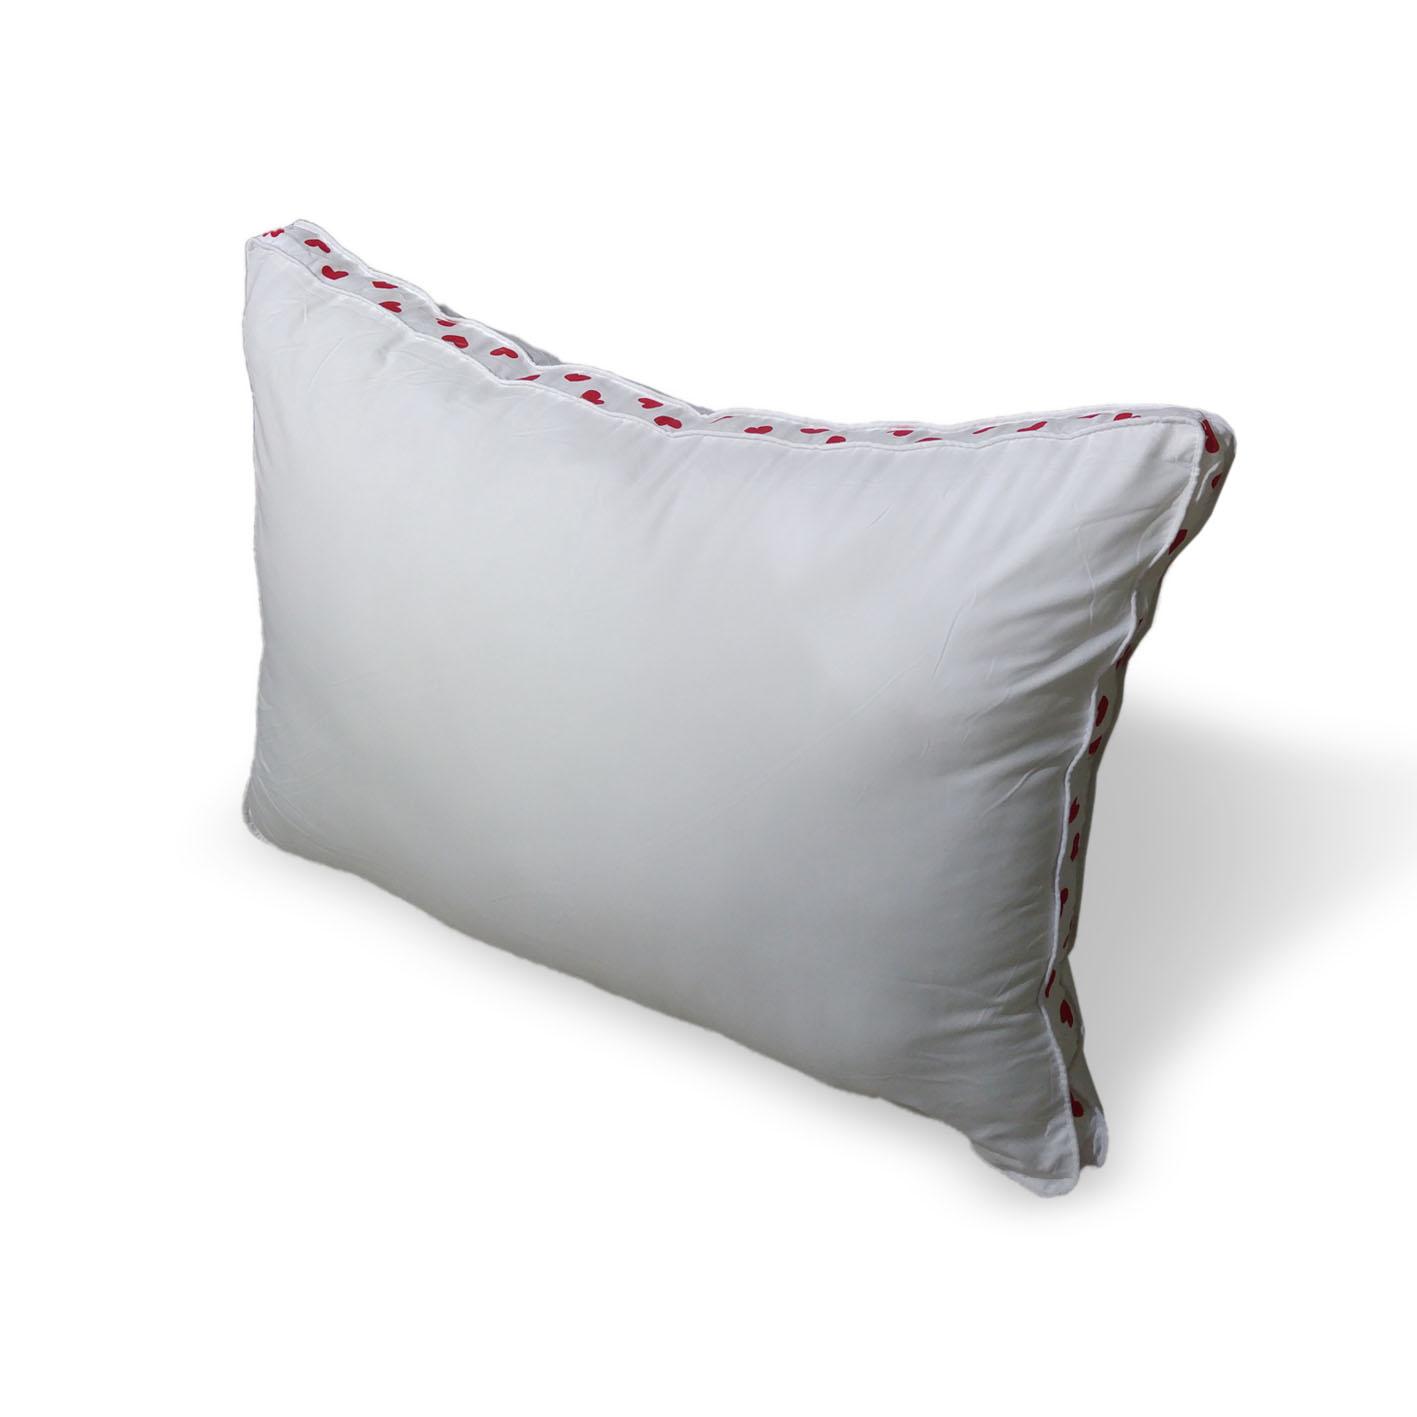 כרית שינה מפנקת ונעימה דגם לבבות